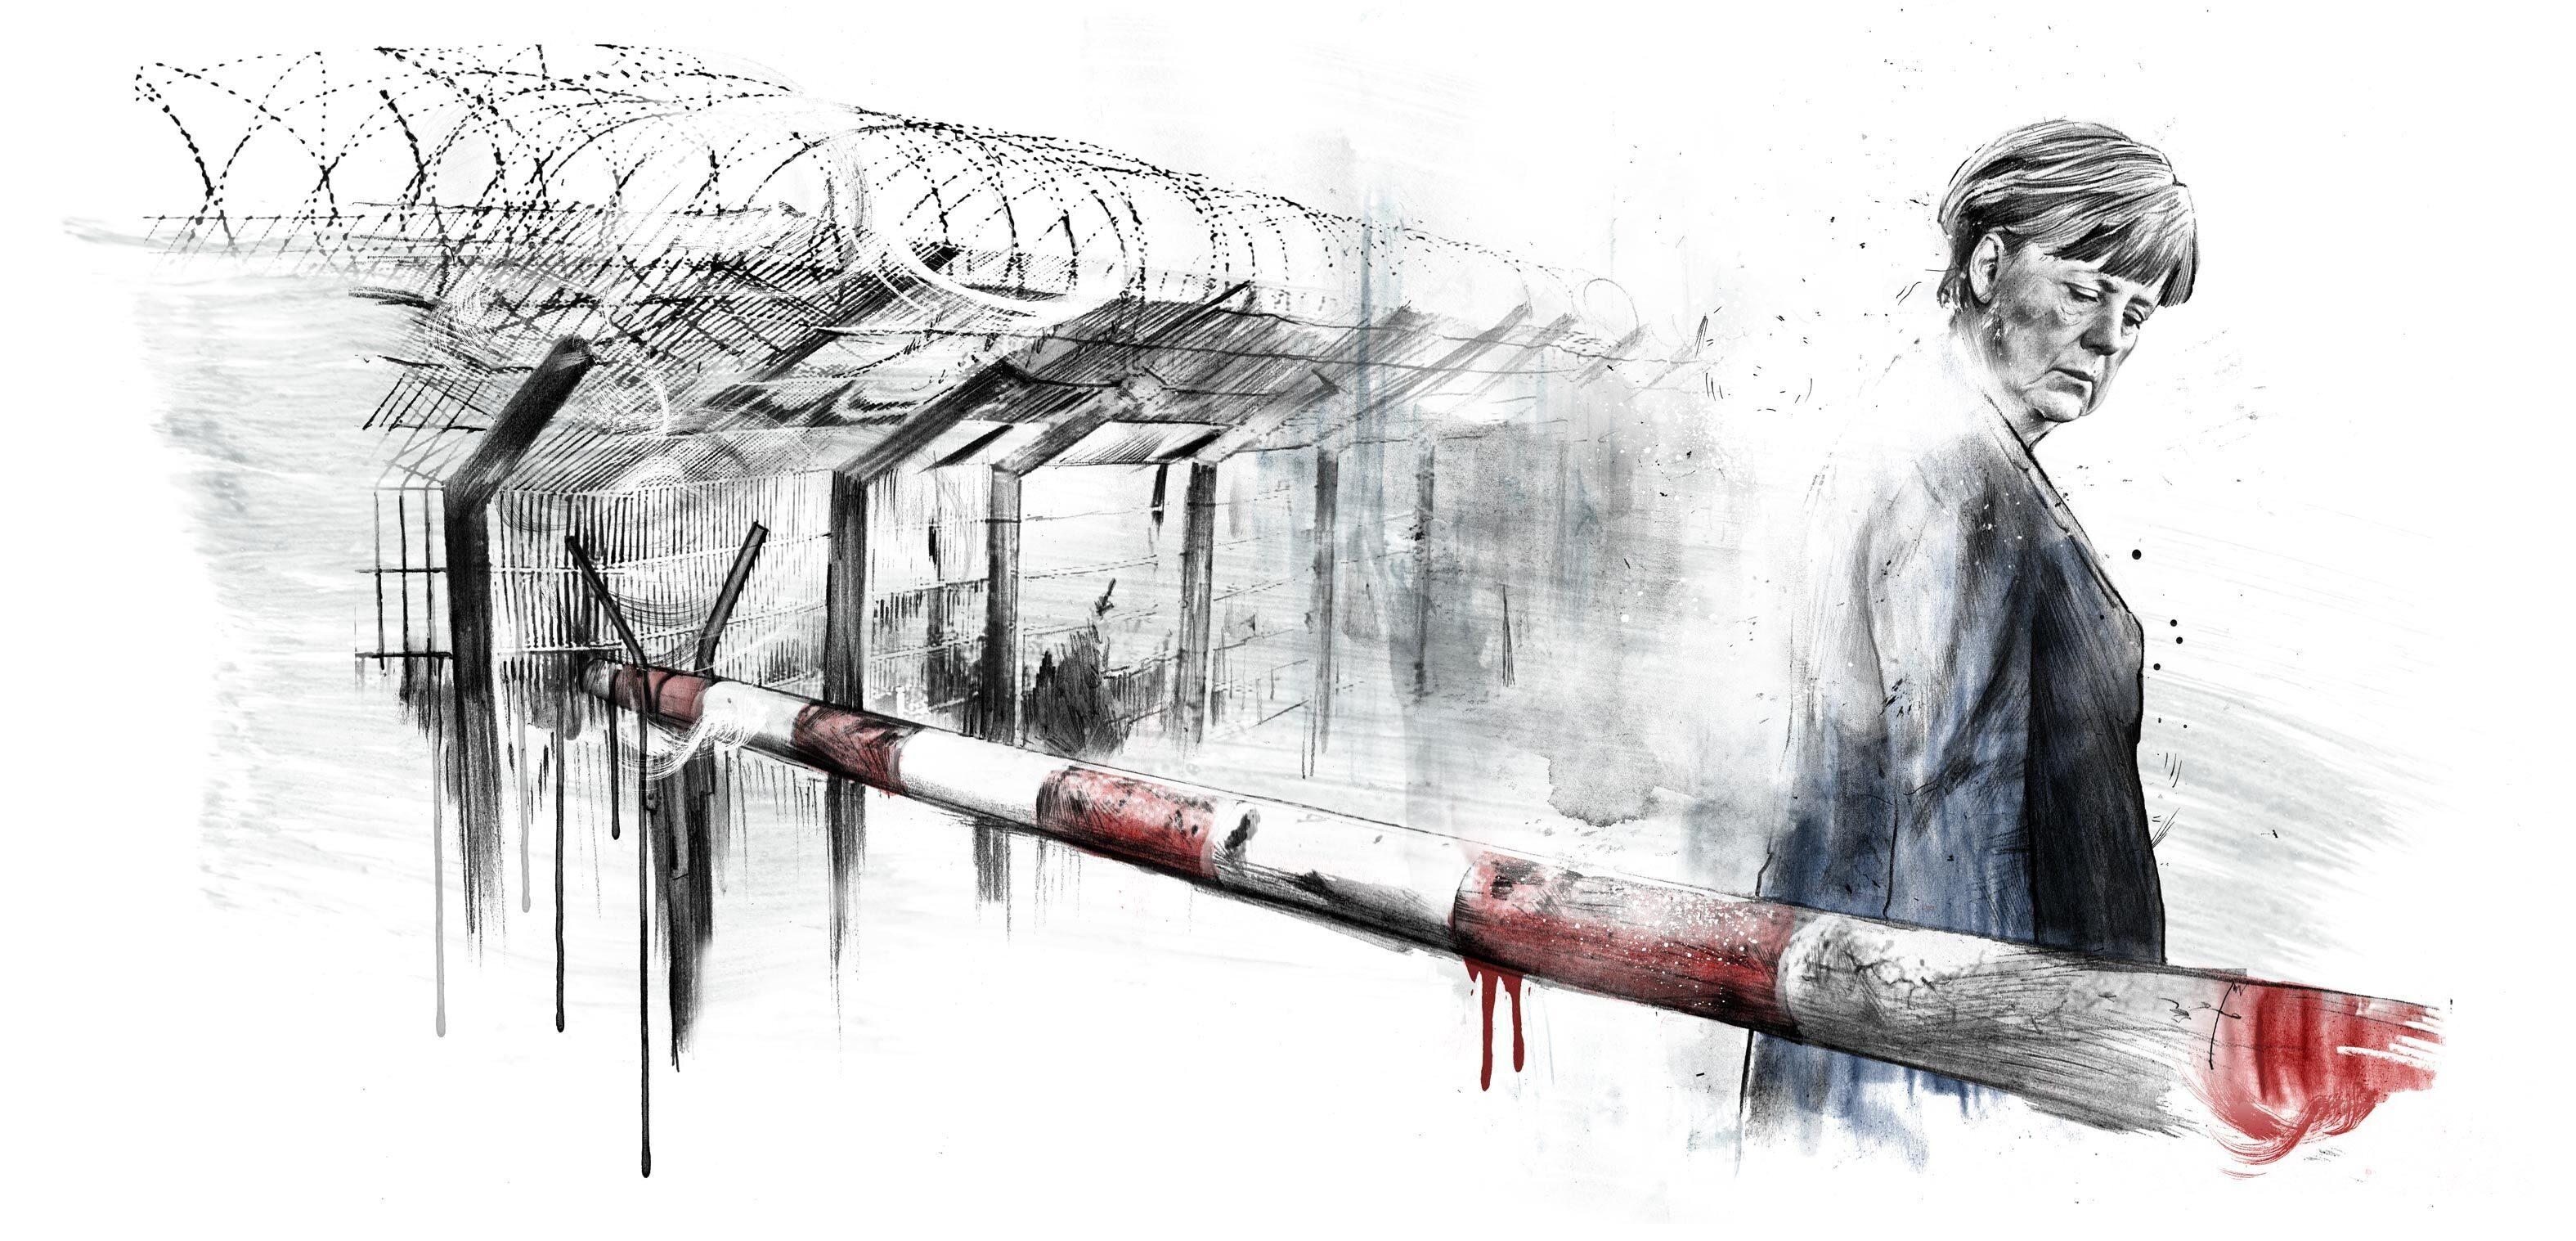 Merkel Grenze geschlossen - Kornel Illustration | Kornel Stadler portfolio